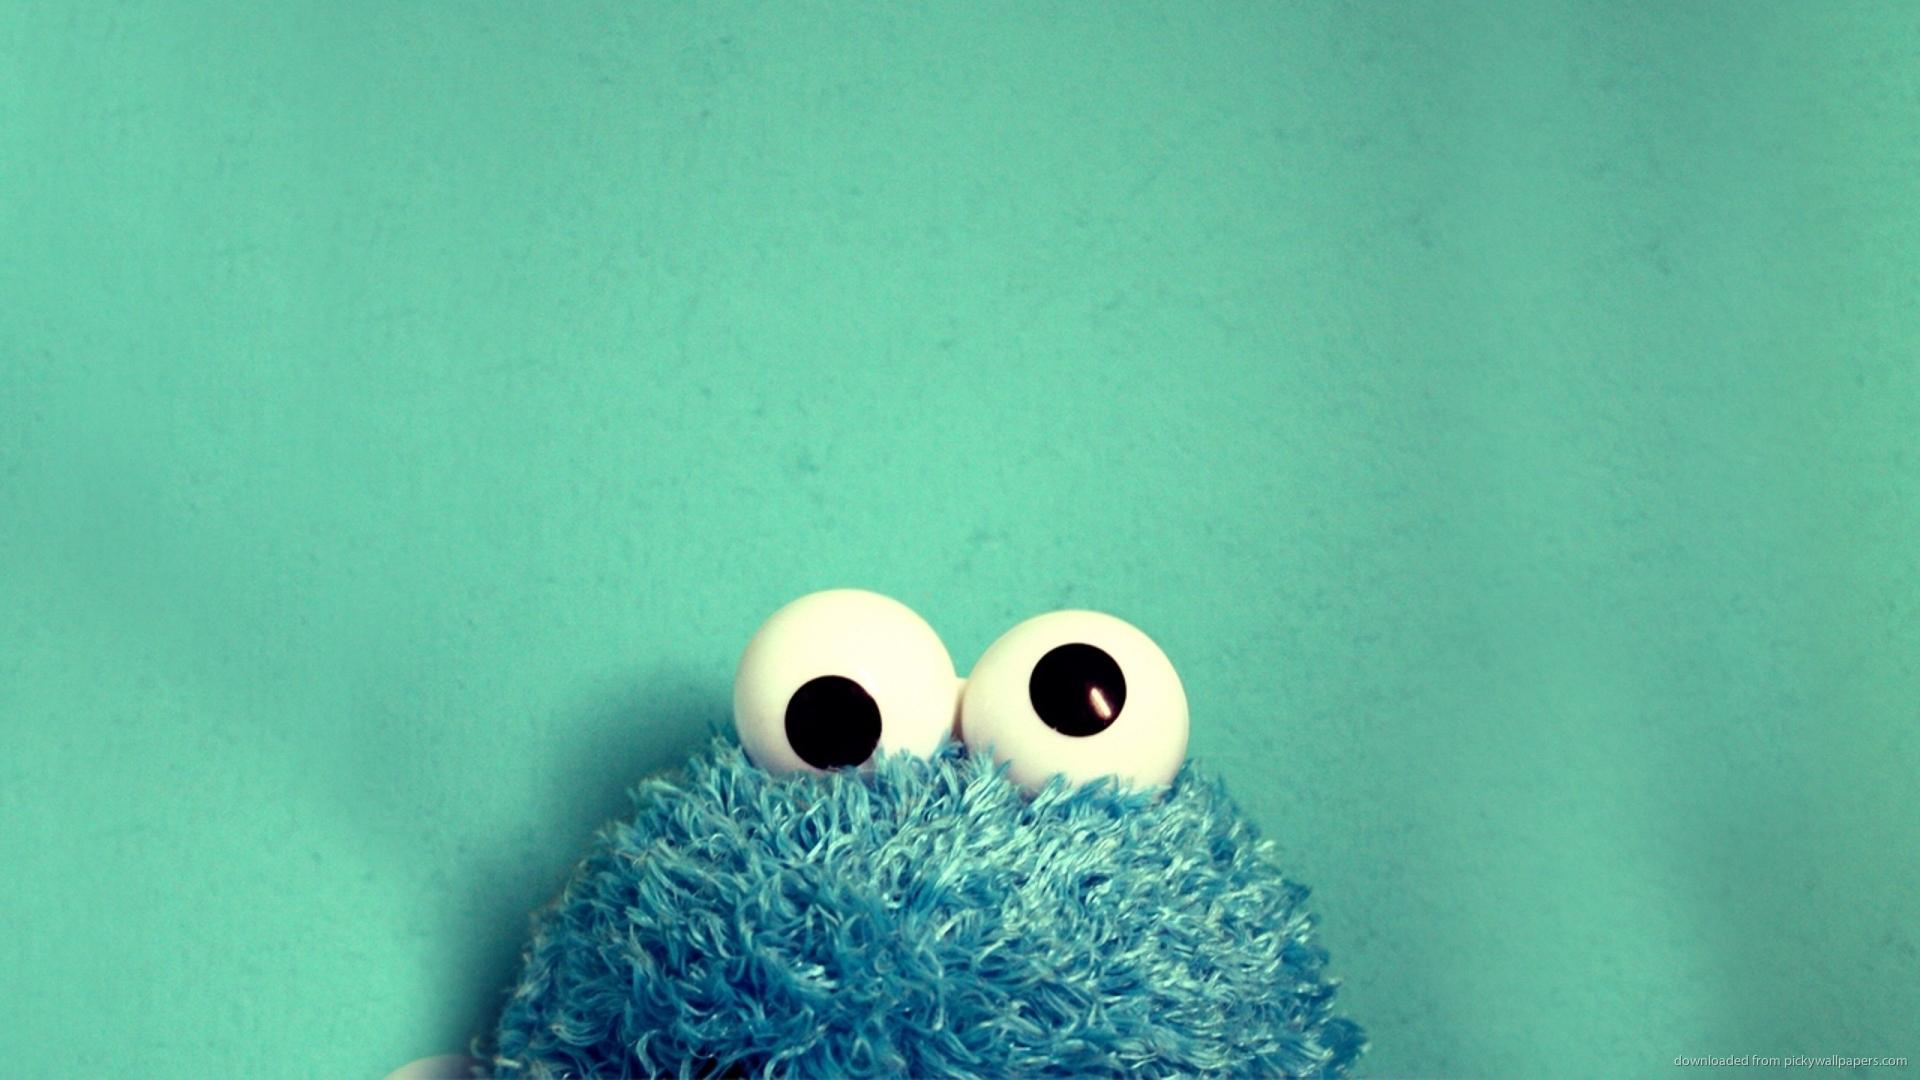 Funny Cookie Monster Wallpaper Wallpapersafari